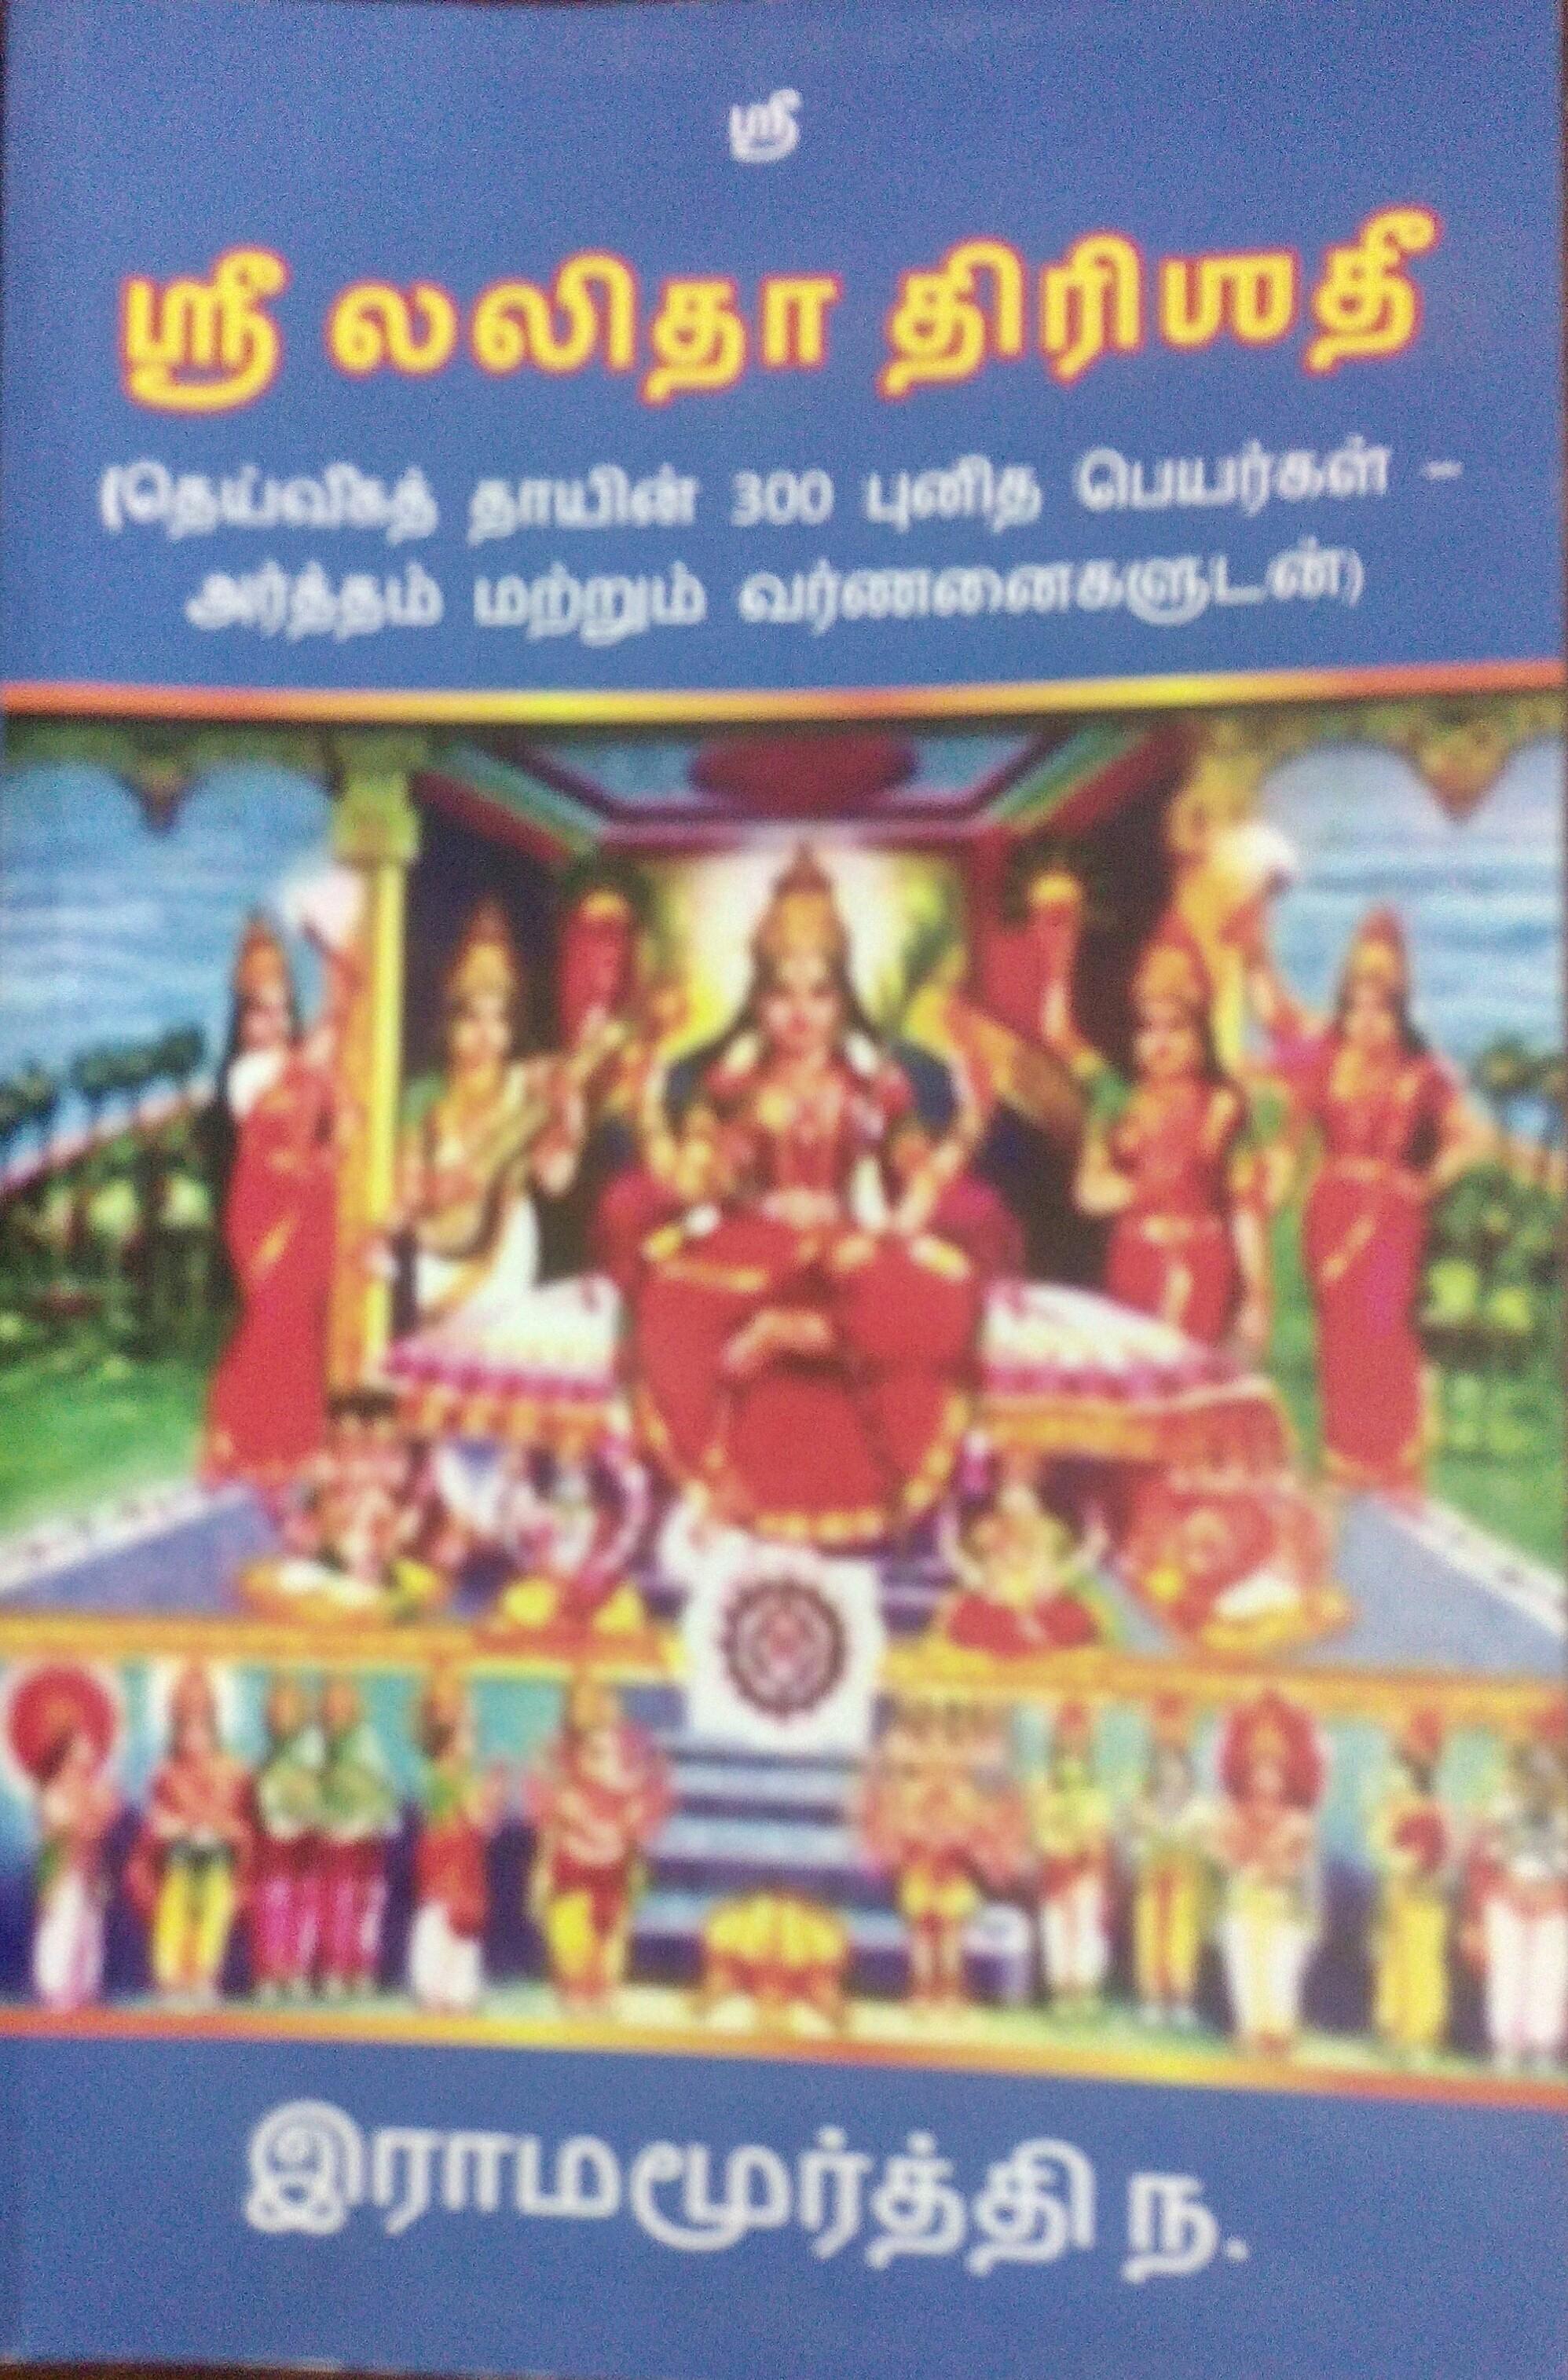 ஸ்ரீ லலிதா த்ரிசதீ